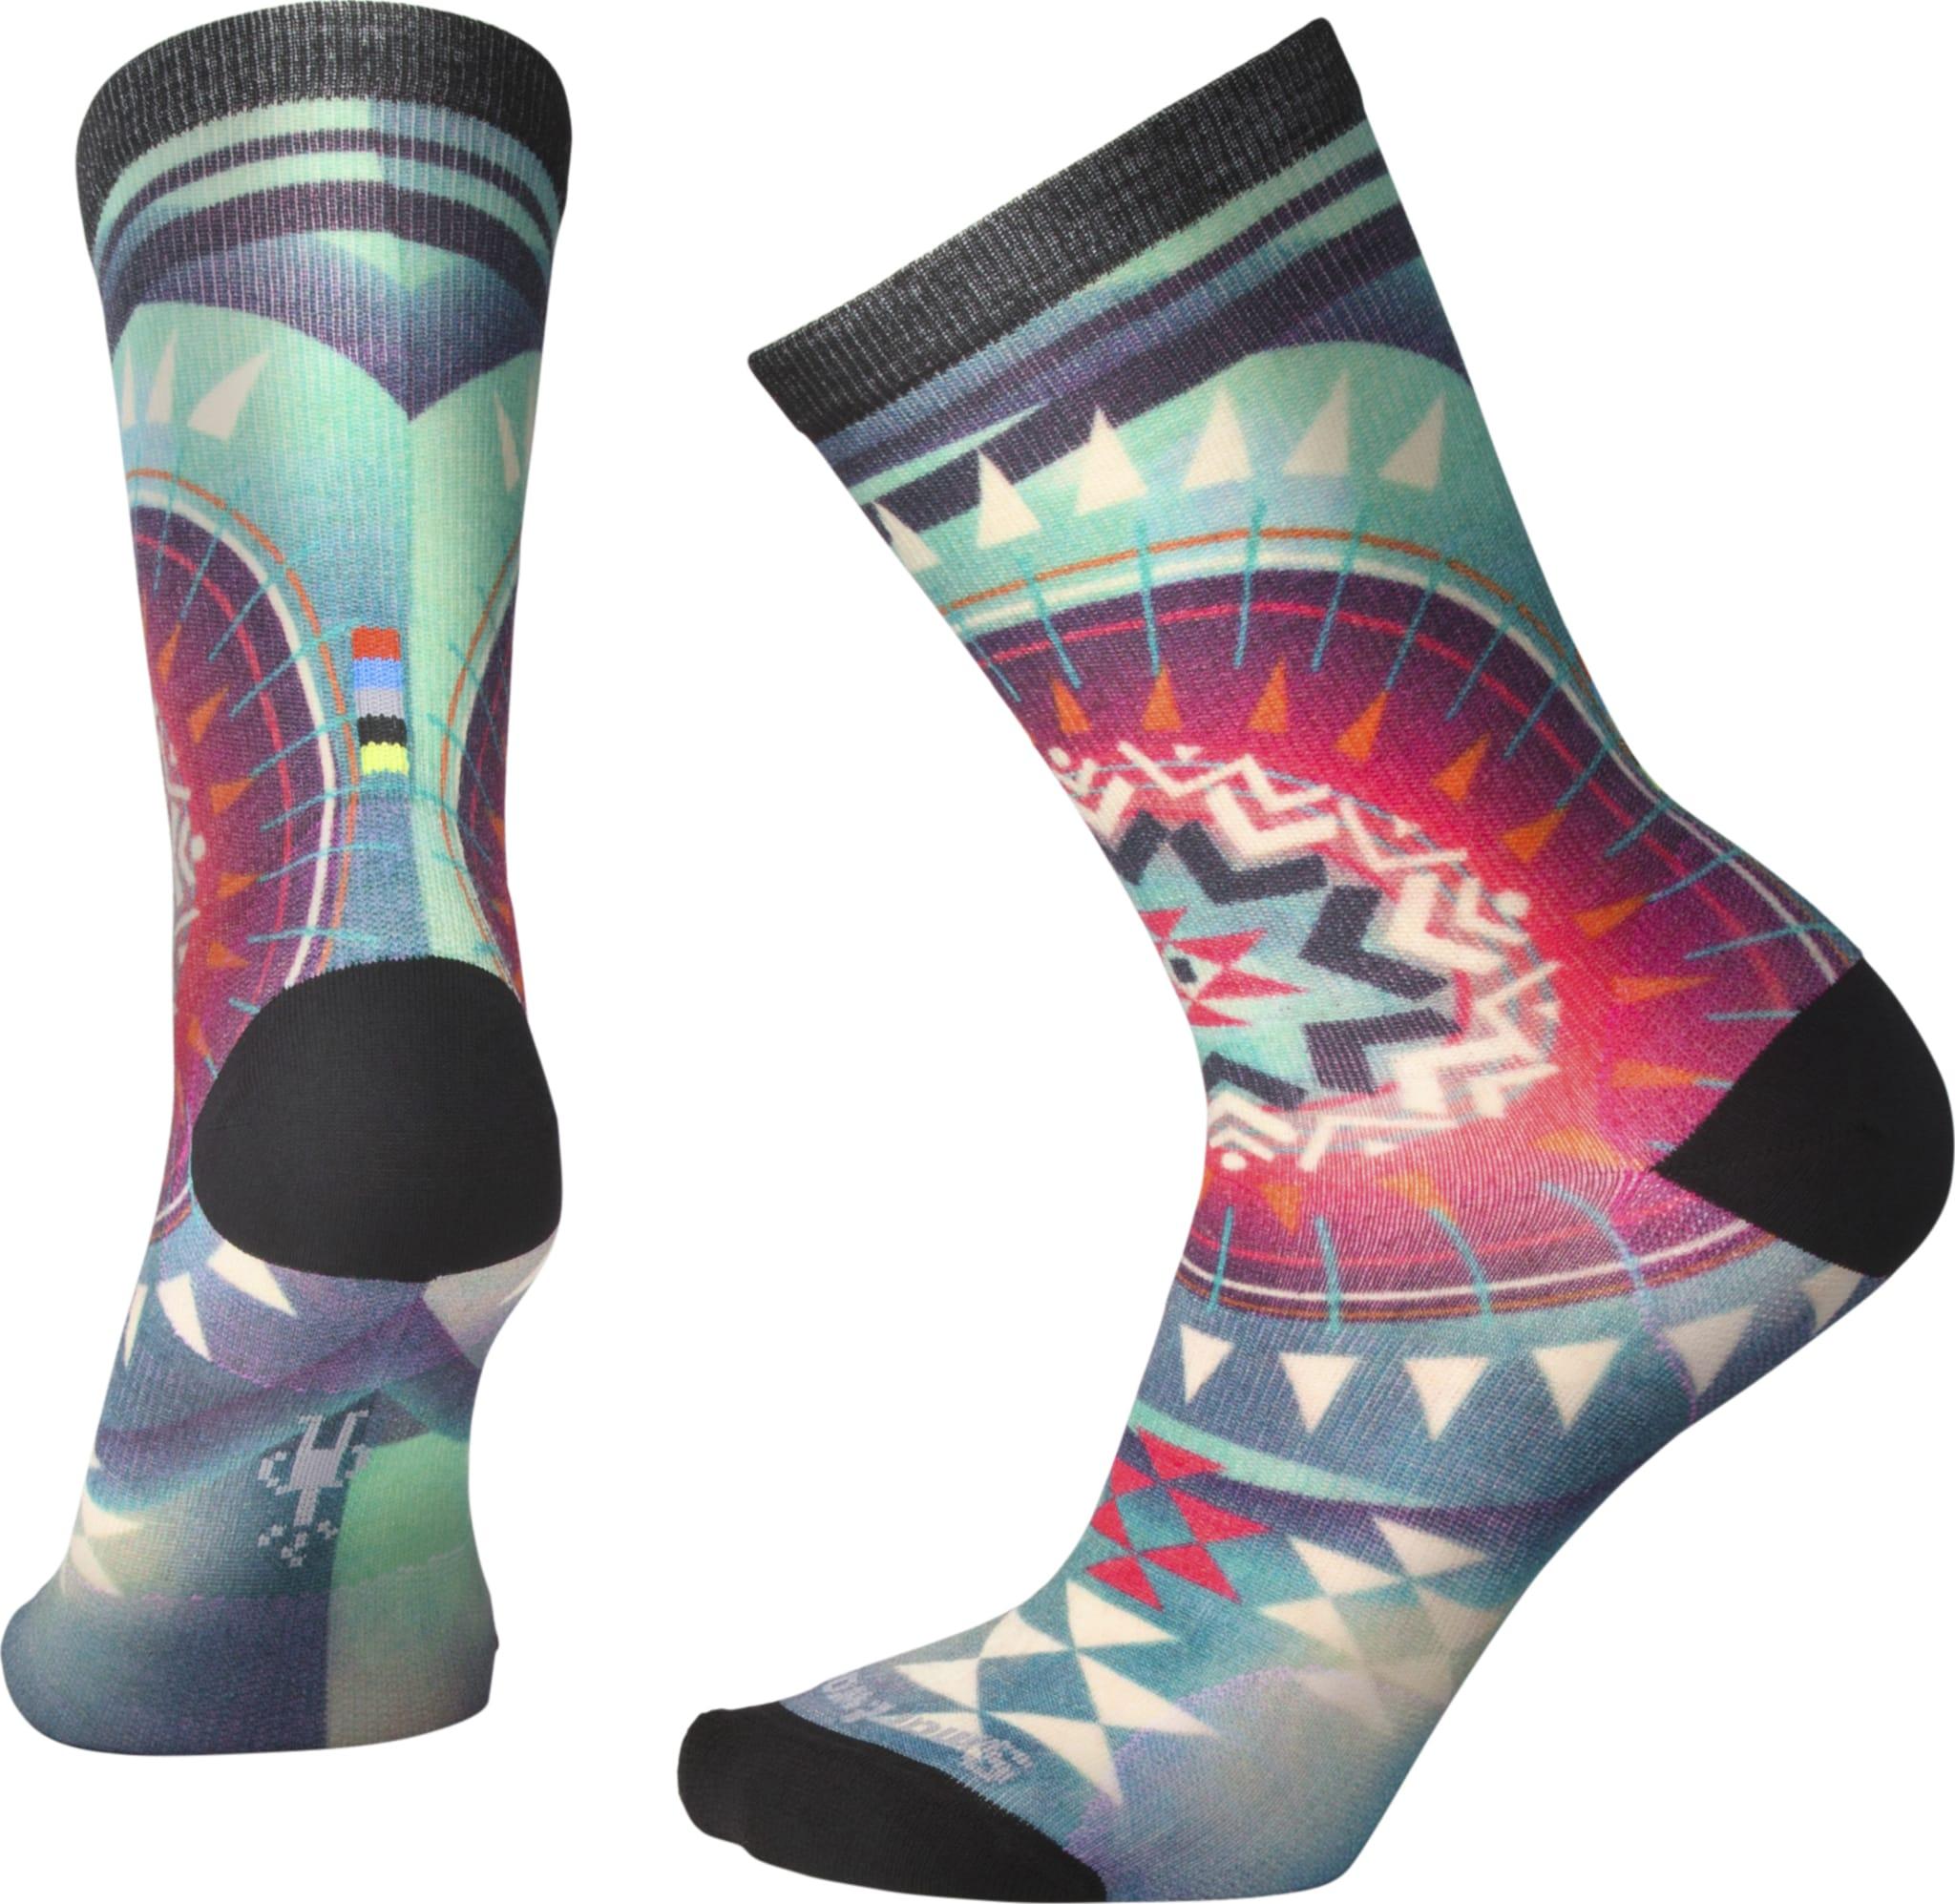 Behagelige sokker med spenstig print